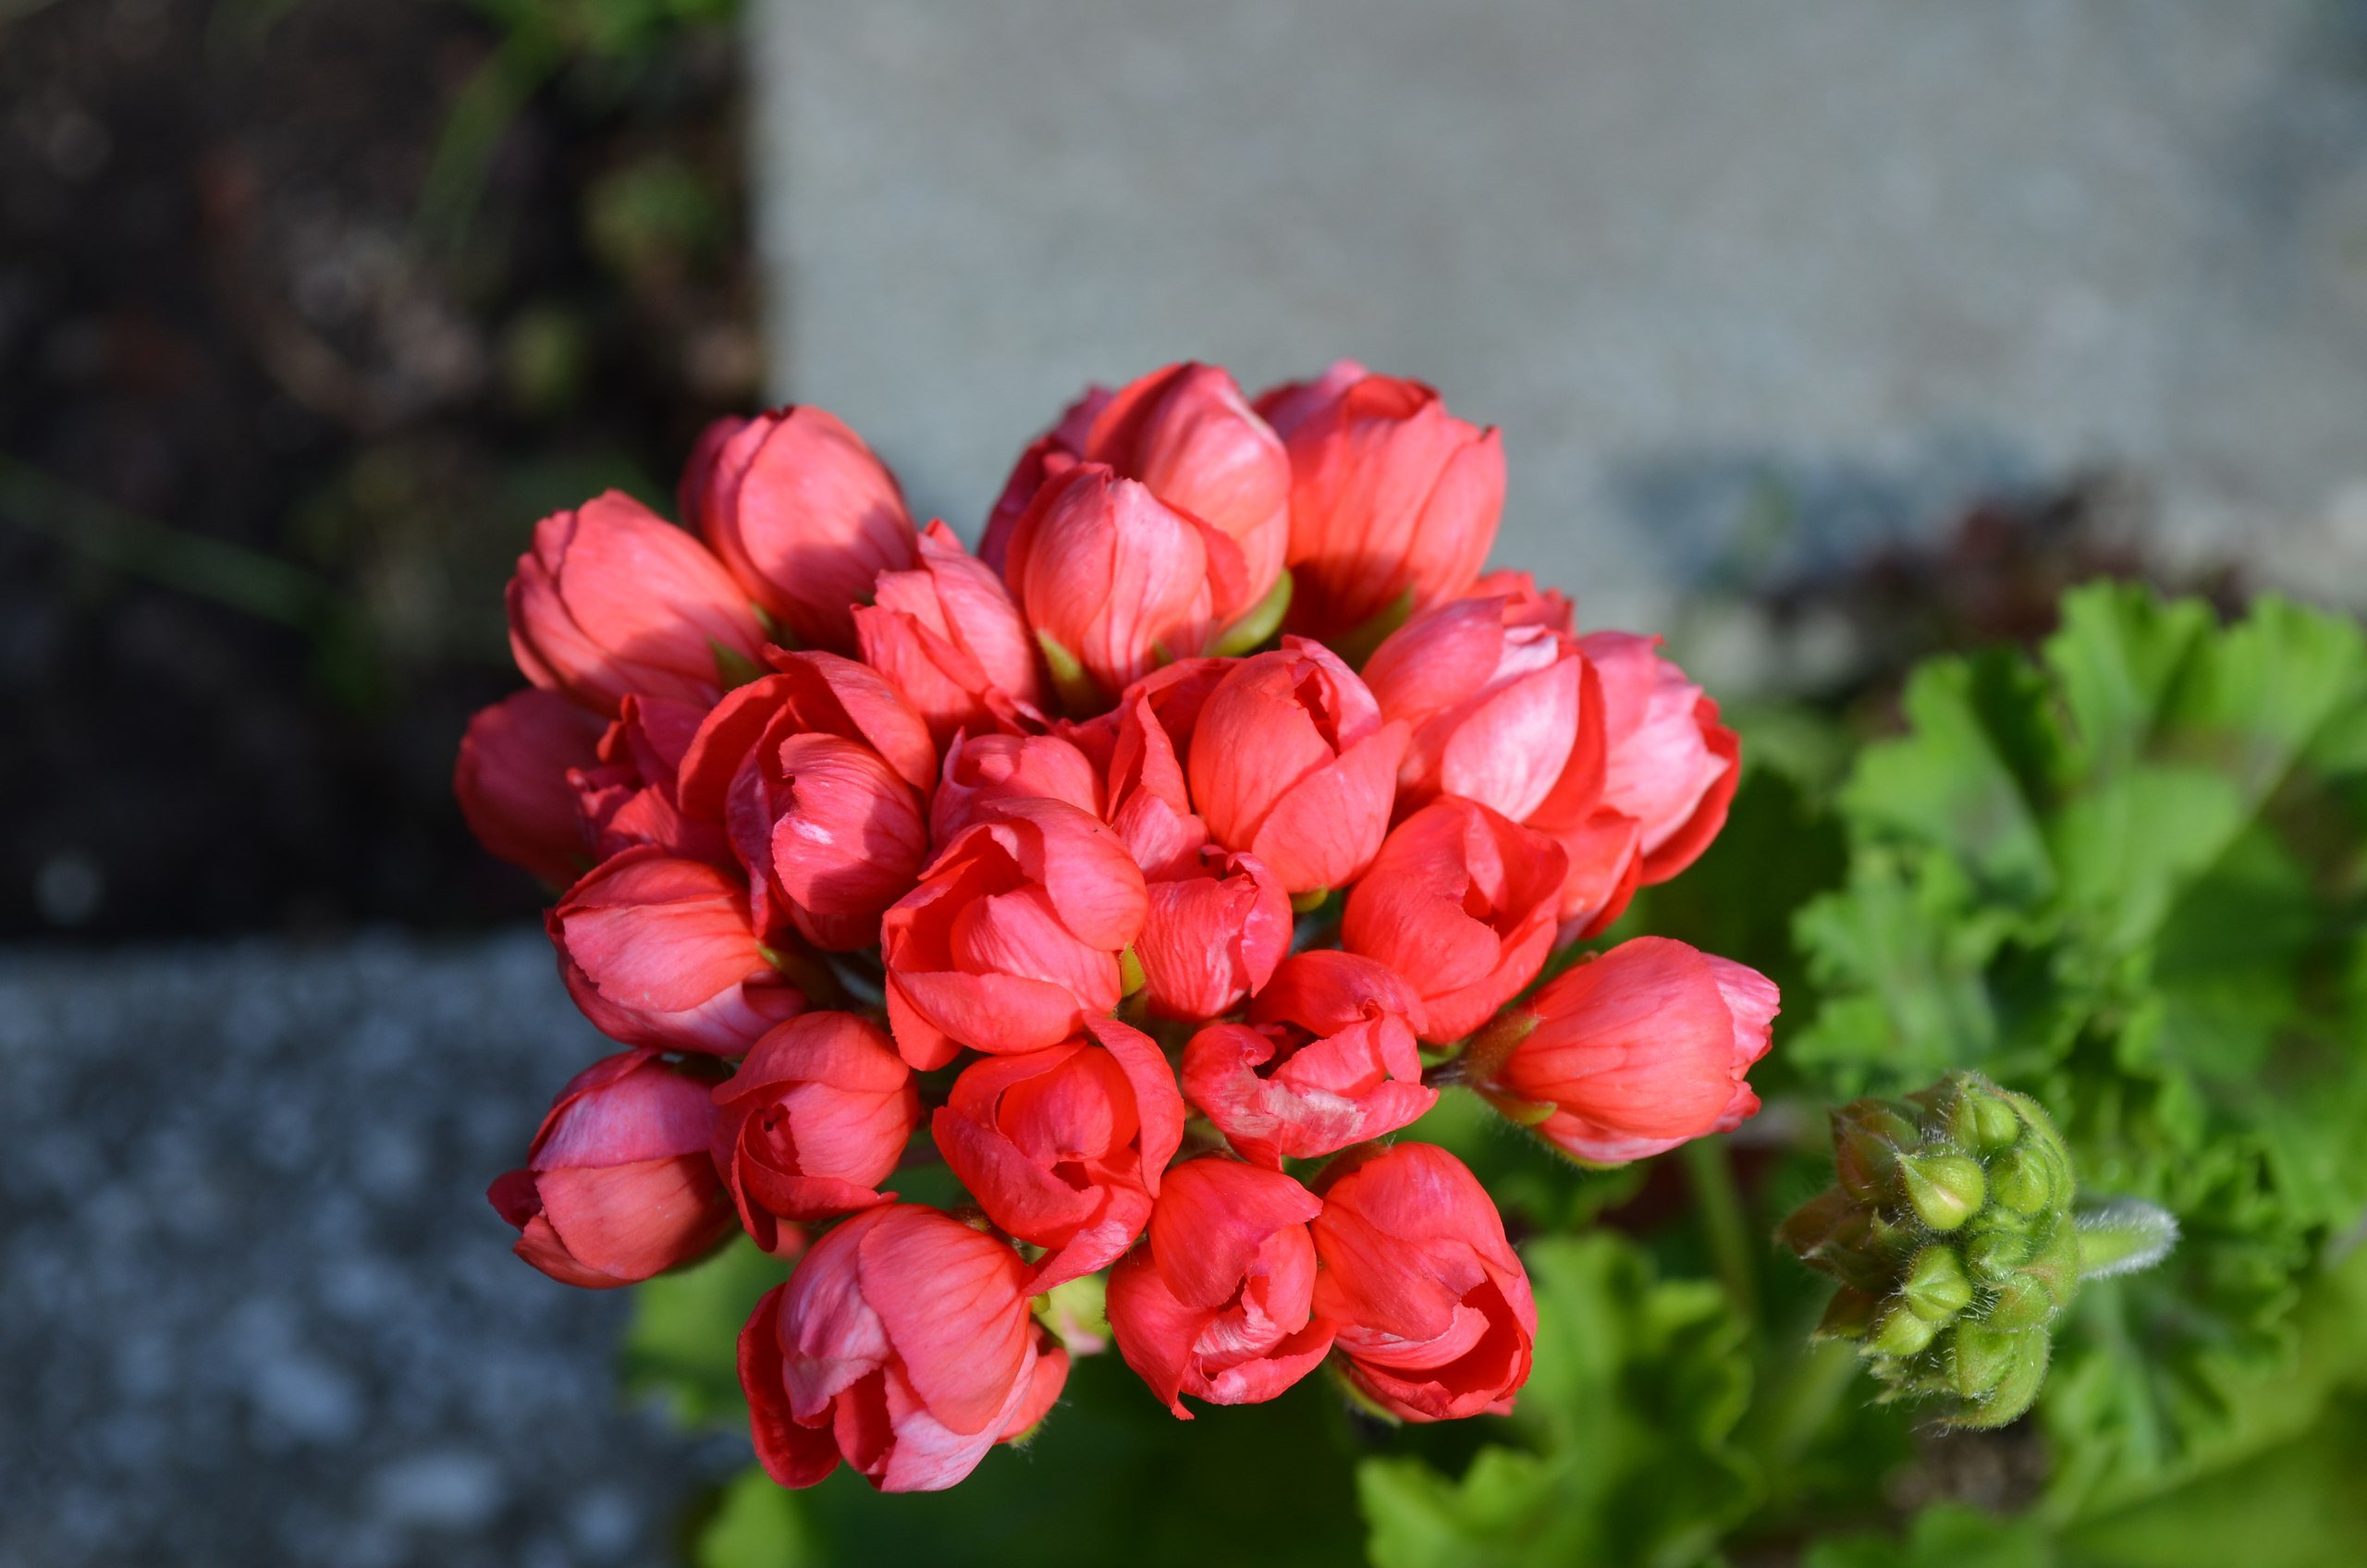 tulip Pelargonium Red pandora photo